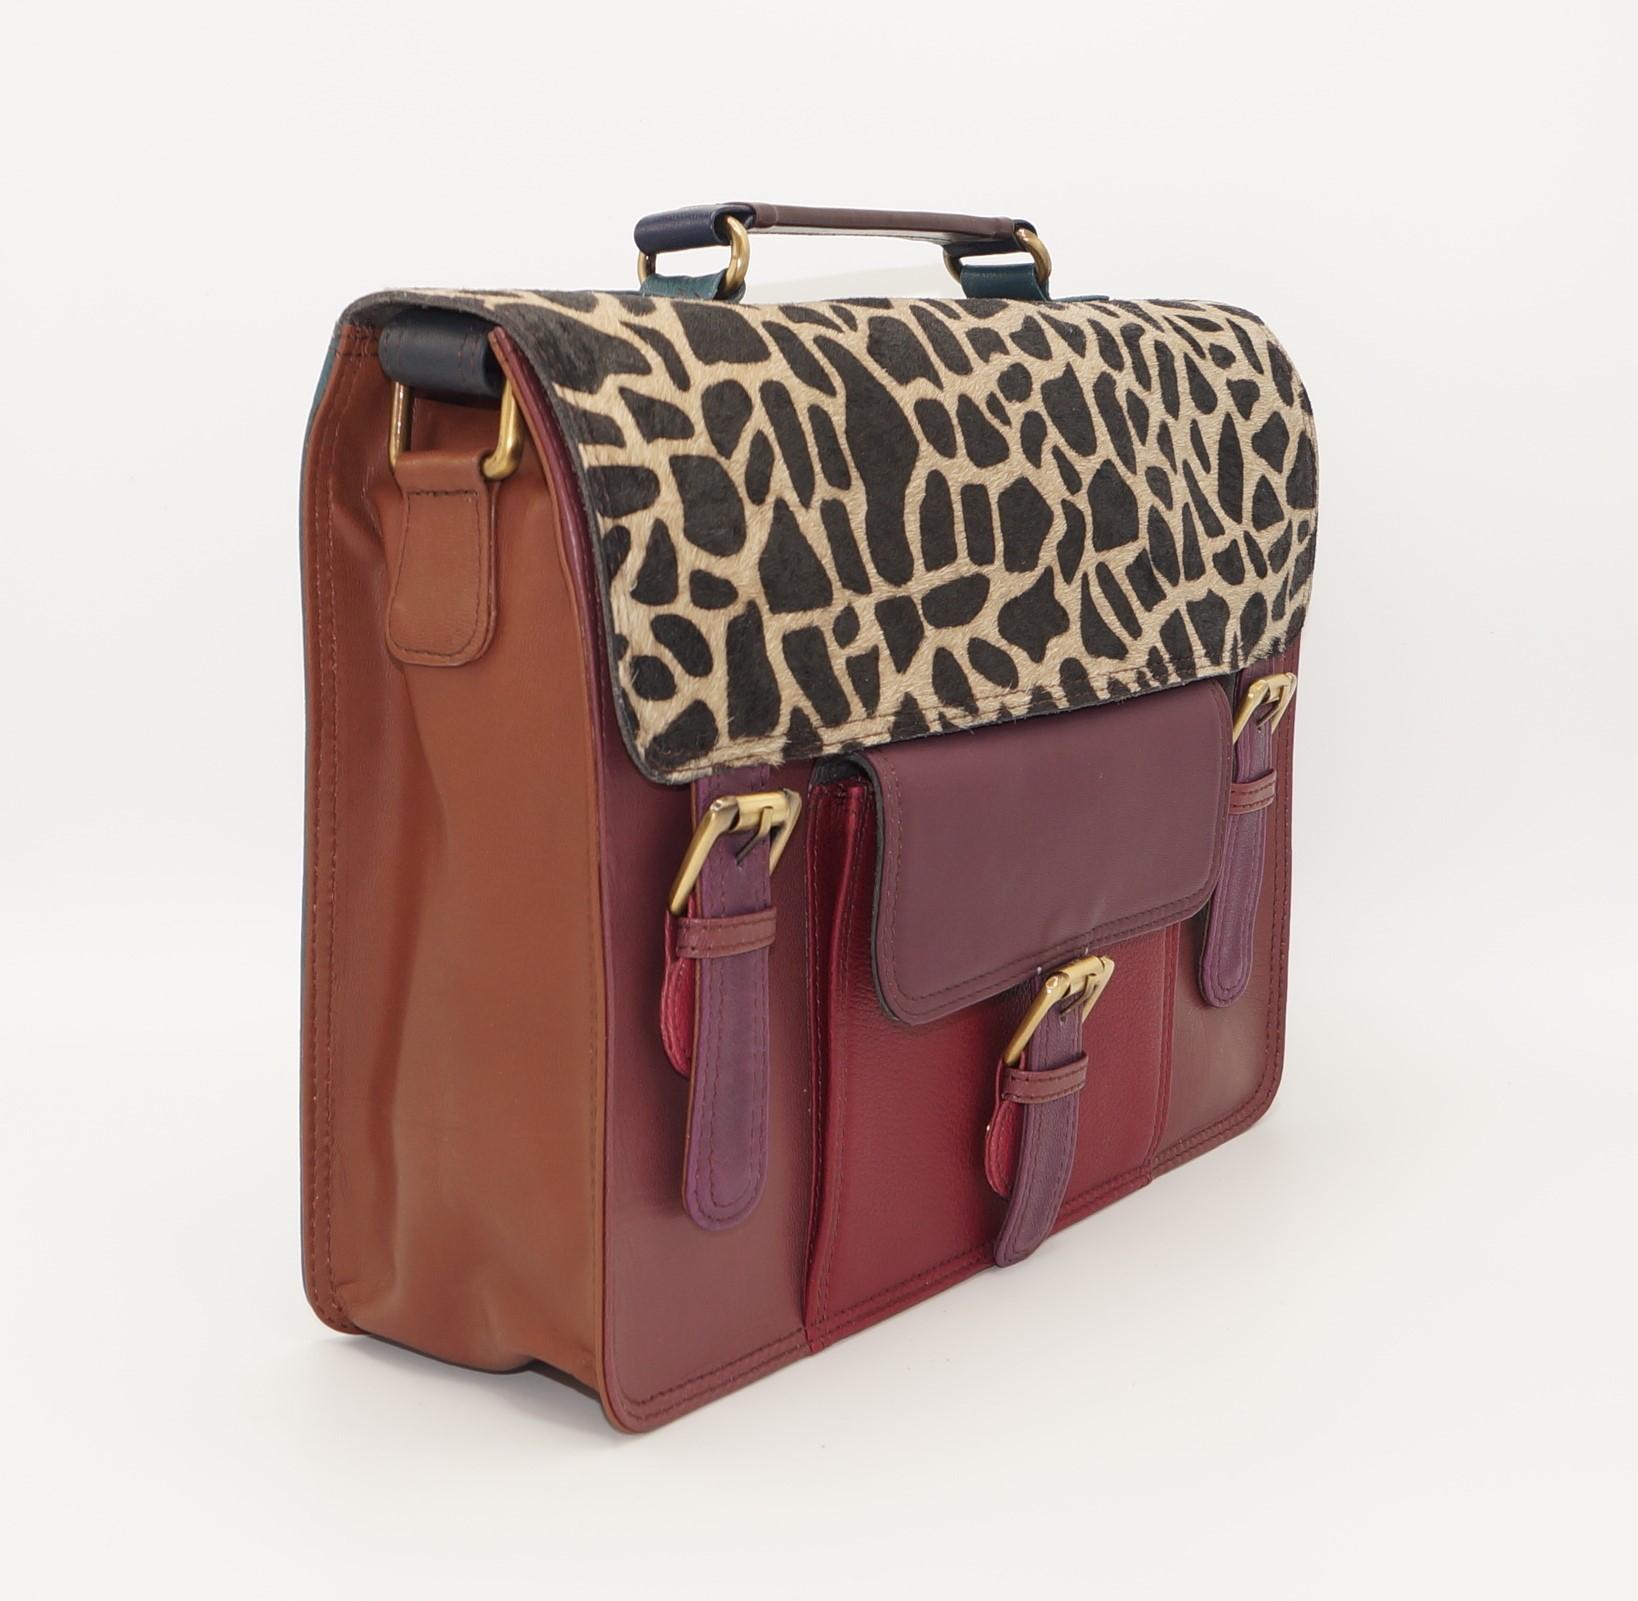 Grand sac forme cartable en cuir #15